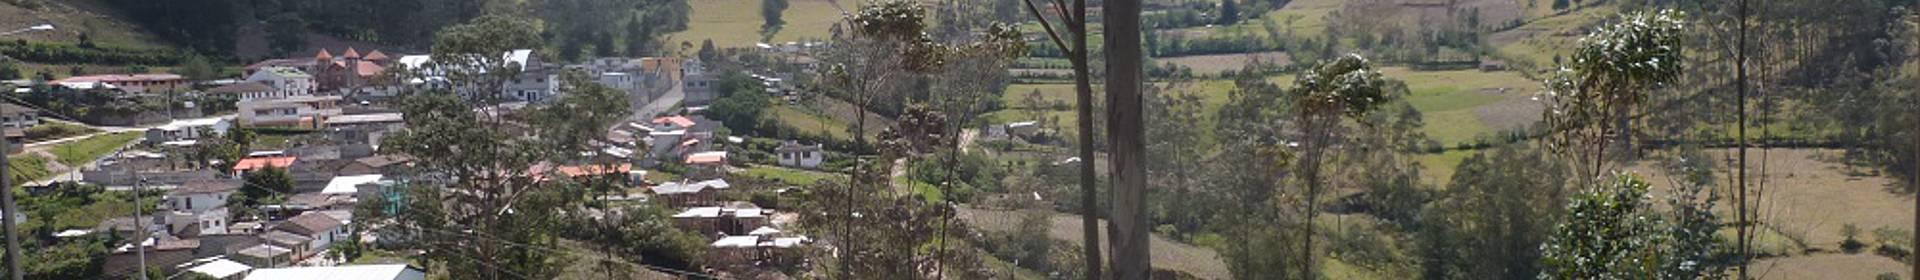 Insilibi